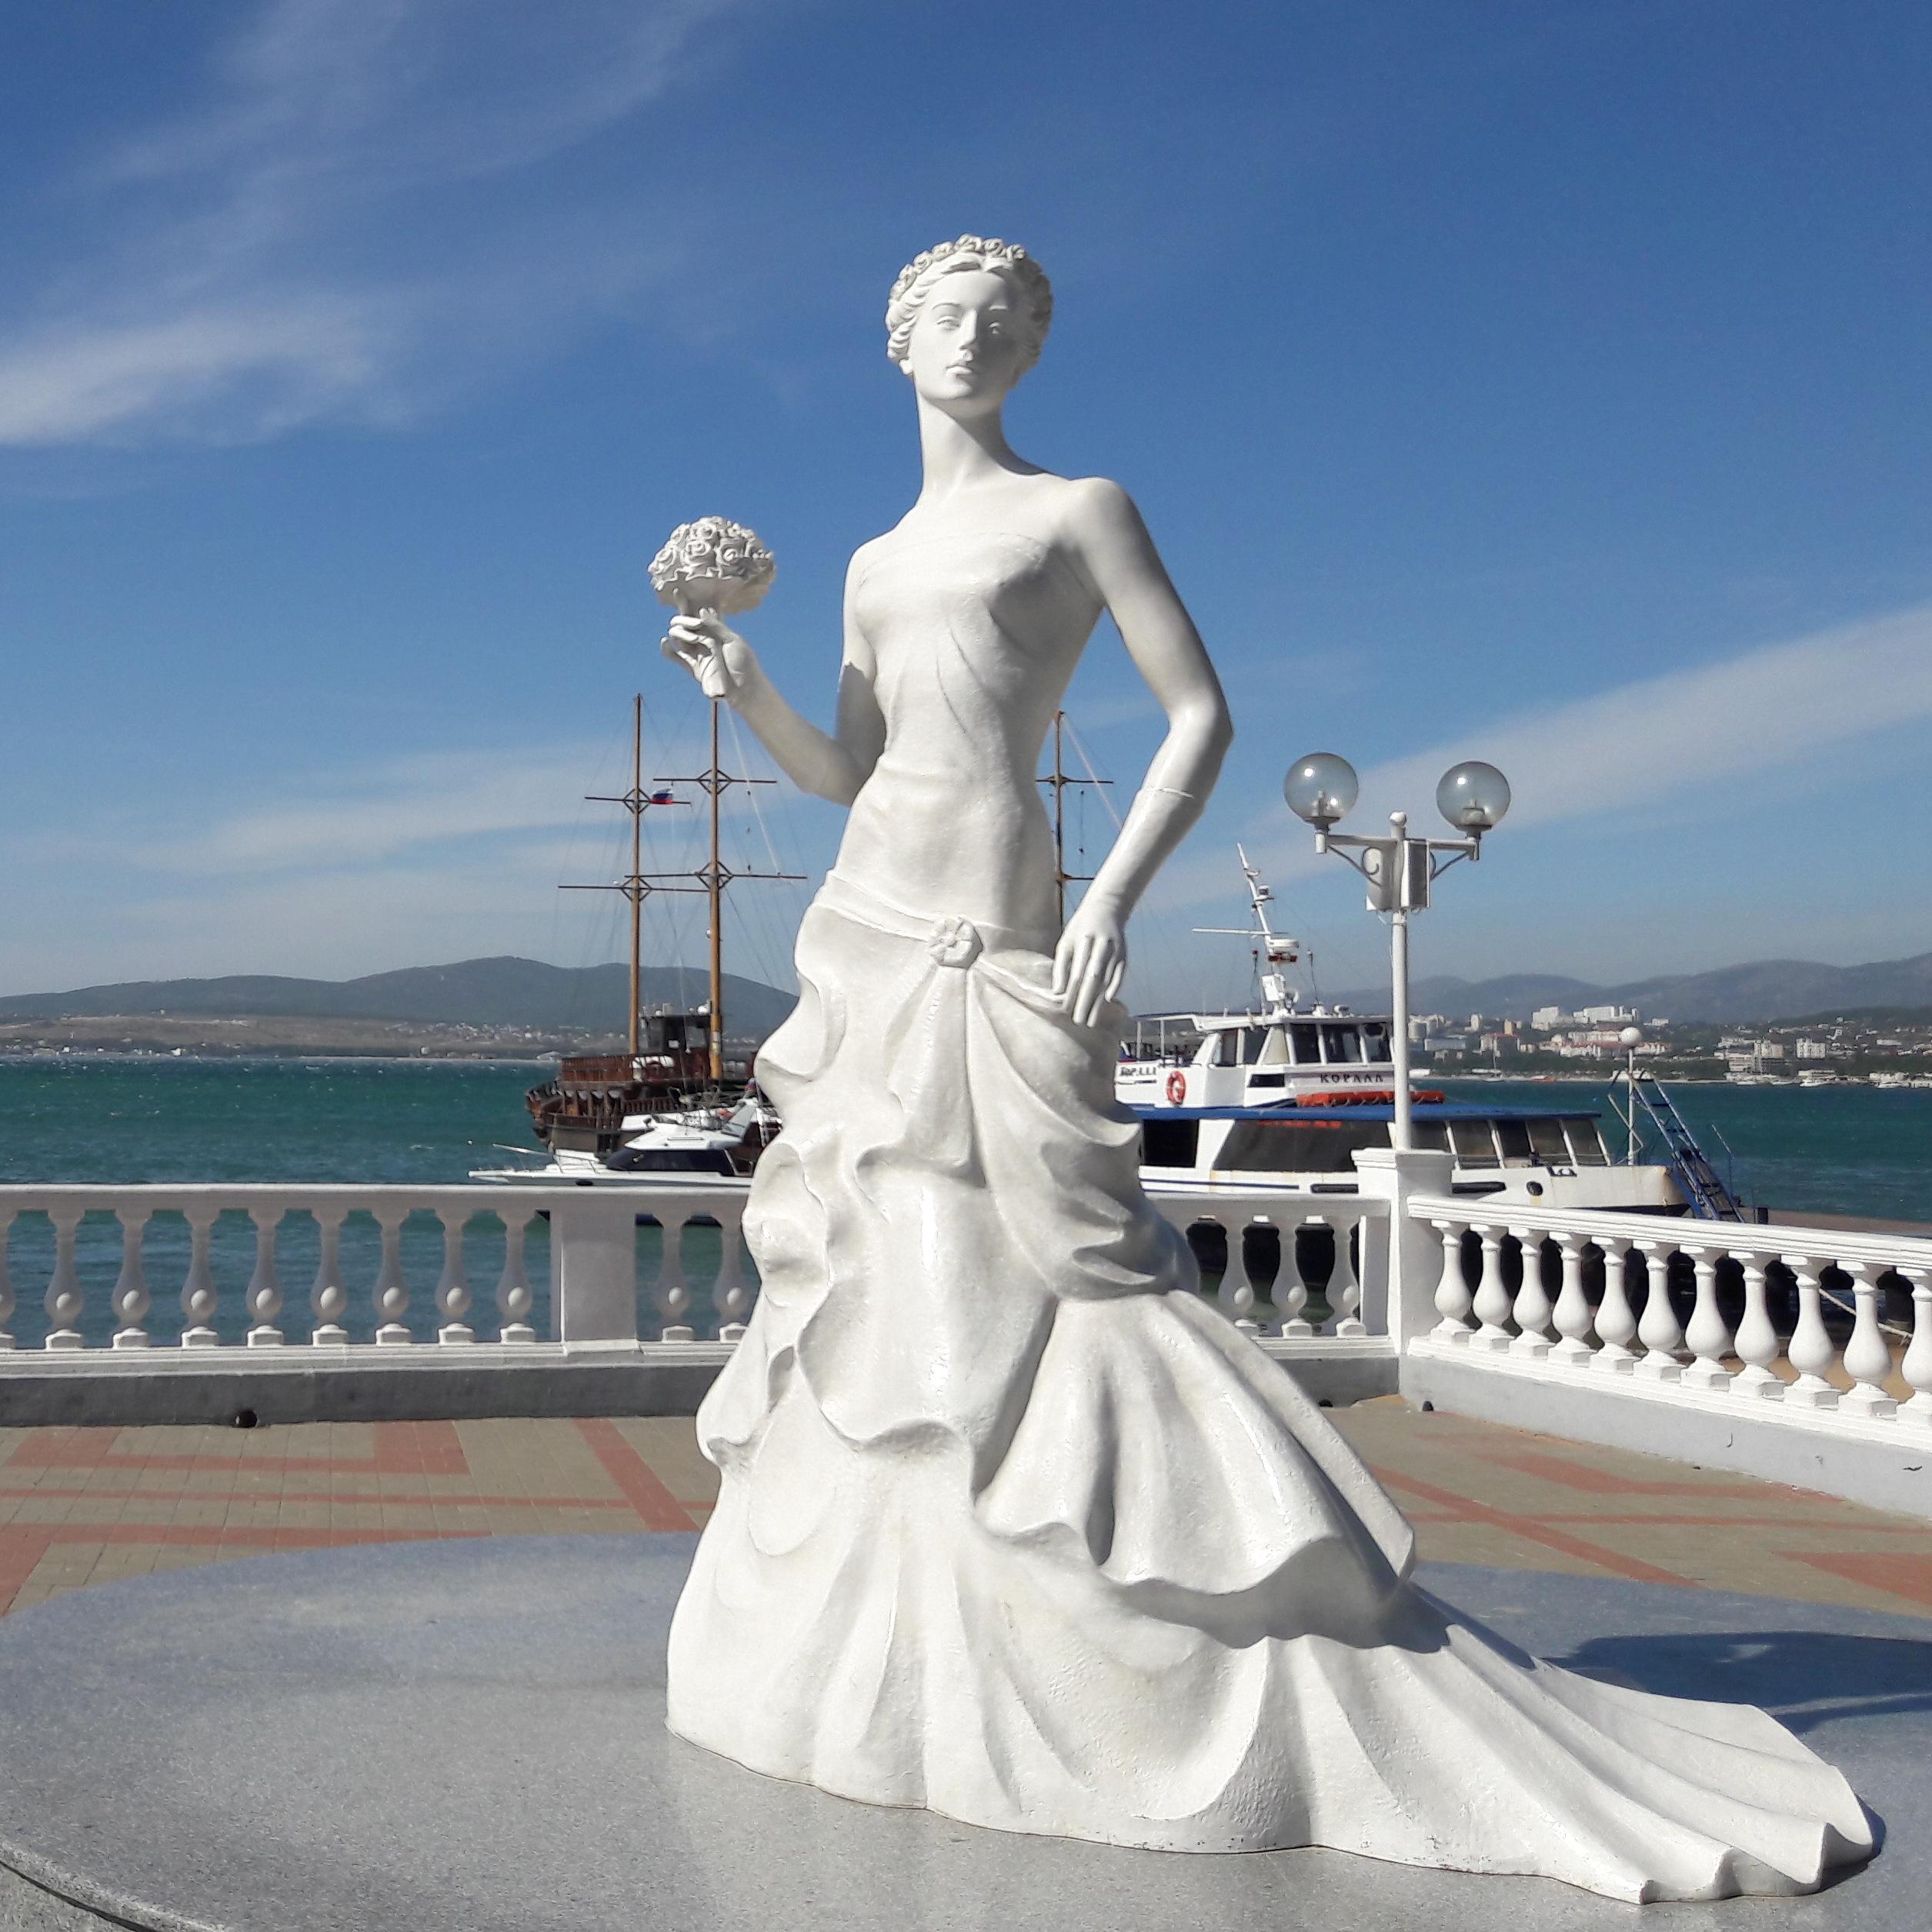 """Памятник """"Белая невеста"""", символ Геленджика. Композиция из белого мрамора. Создание 2010 г. Фотография 2017 г."""